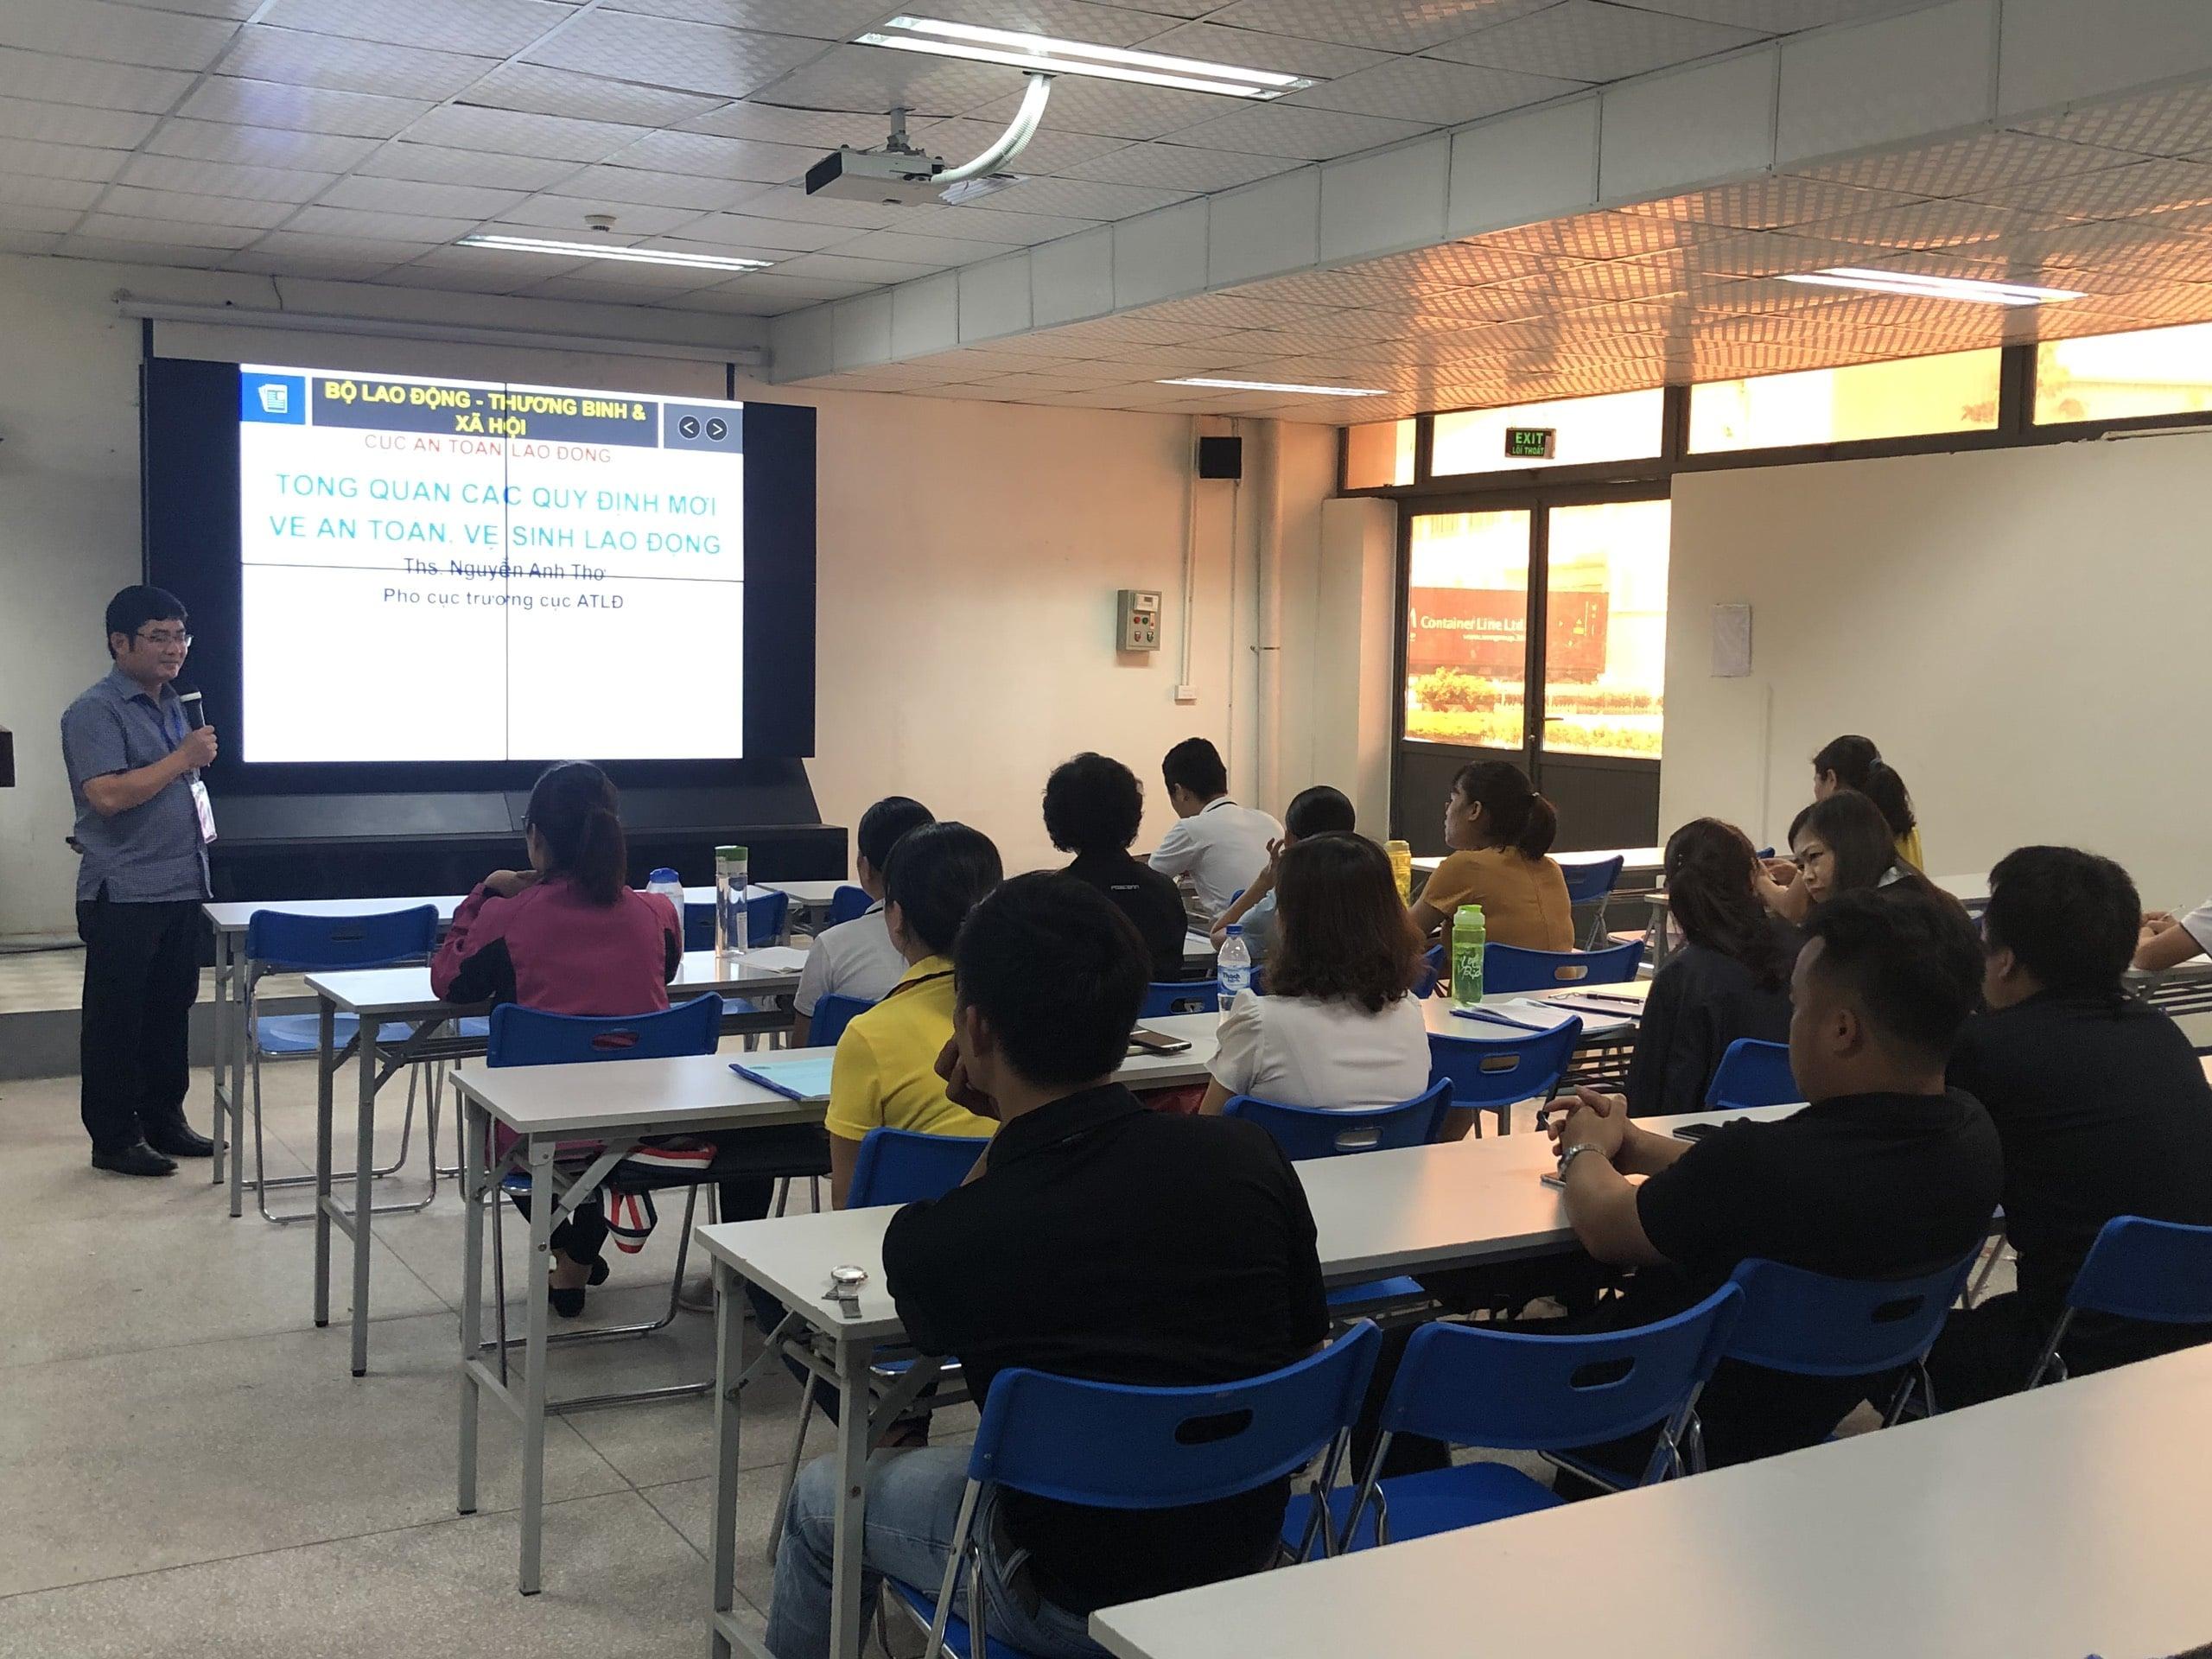 Thông báo mở lớp huấn luyện an toàn, vệ sinh lao động cho giảng viên